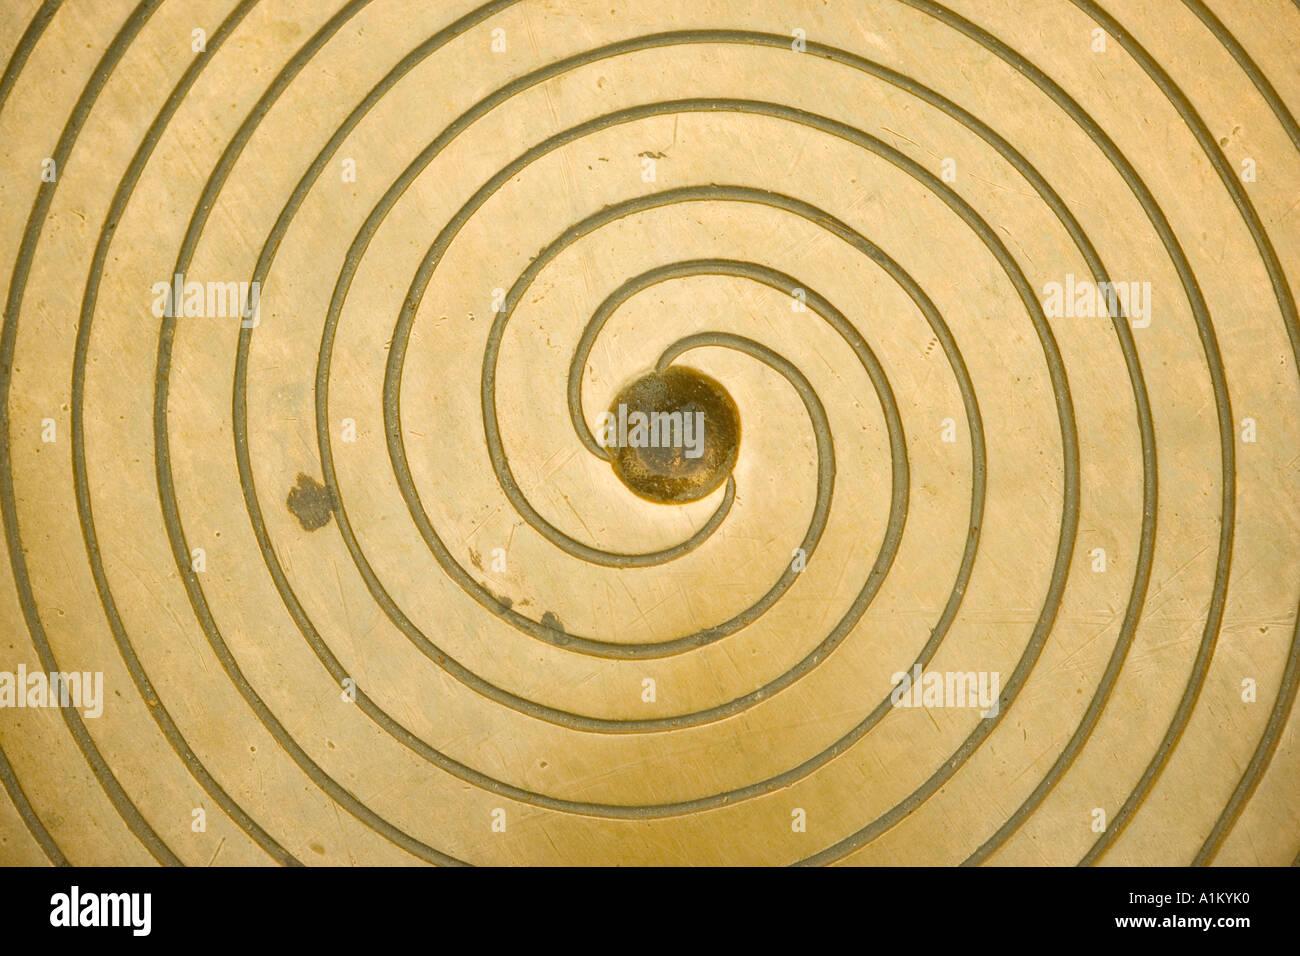 Tapa de registro con patrón de espiral Imagen De Stock